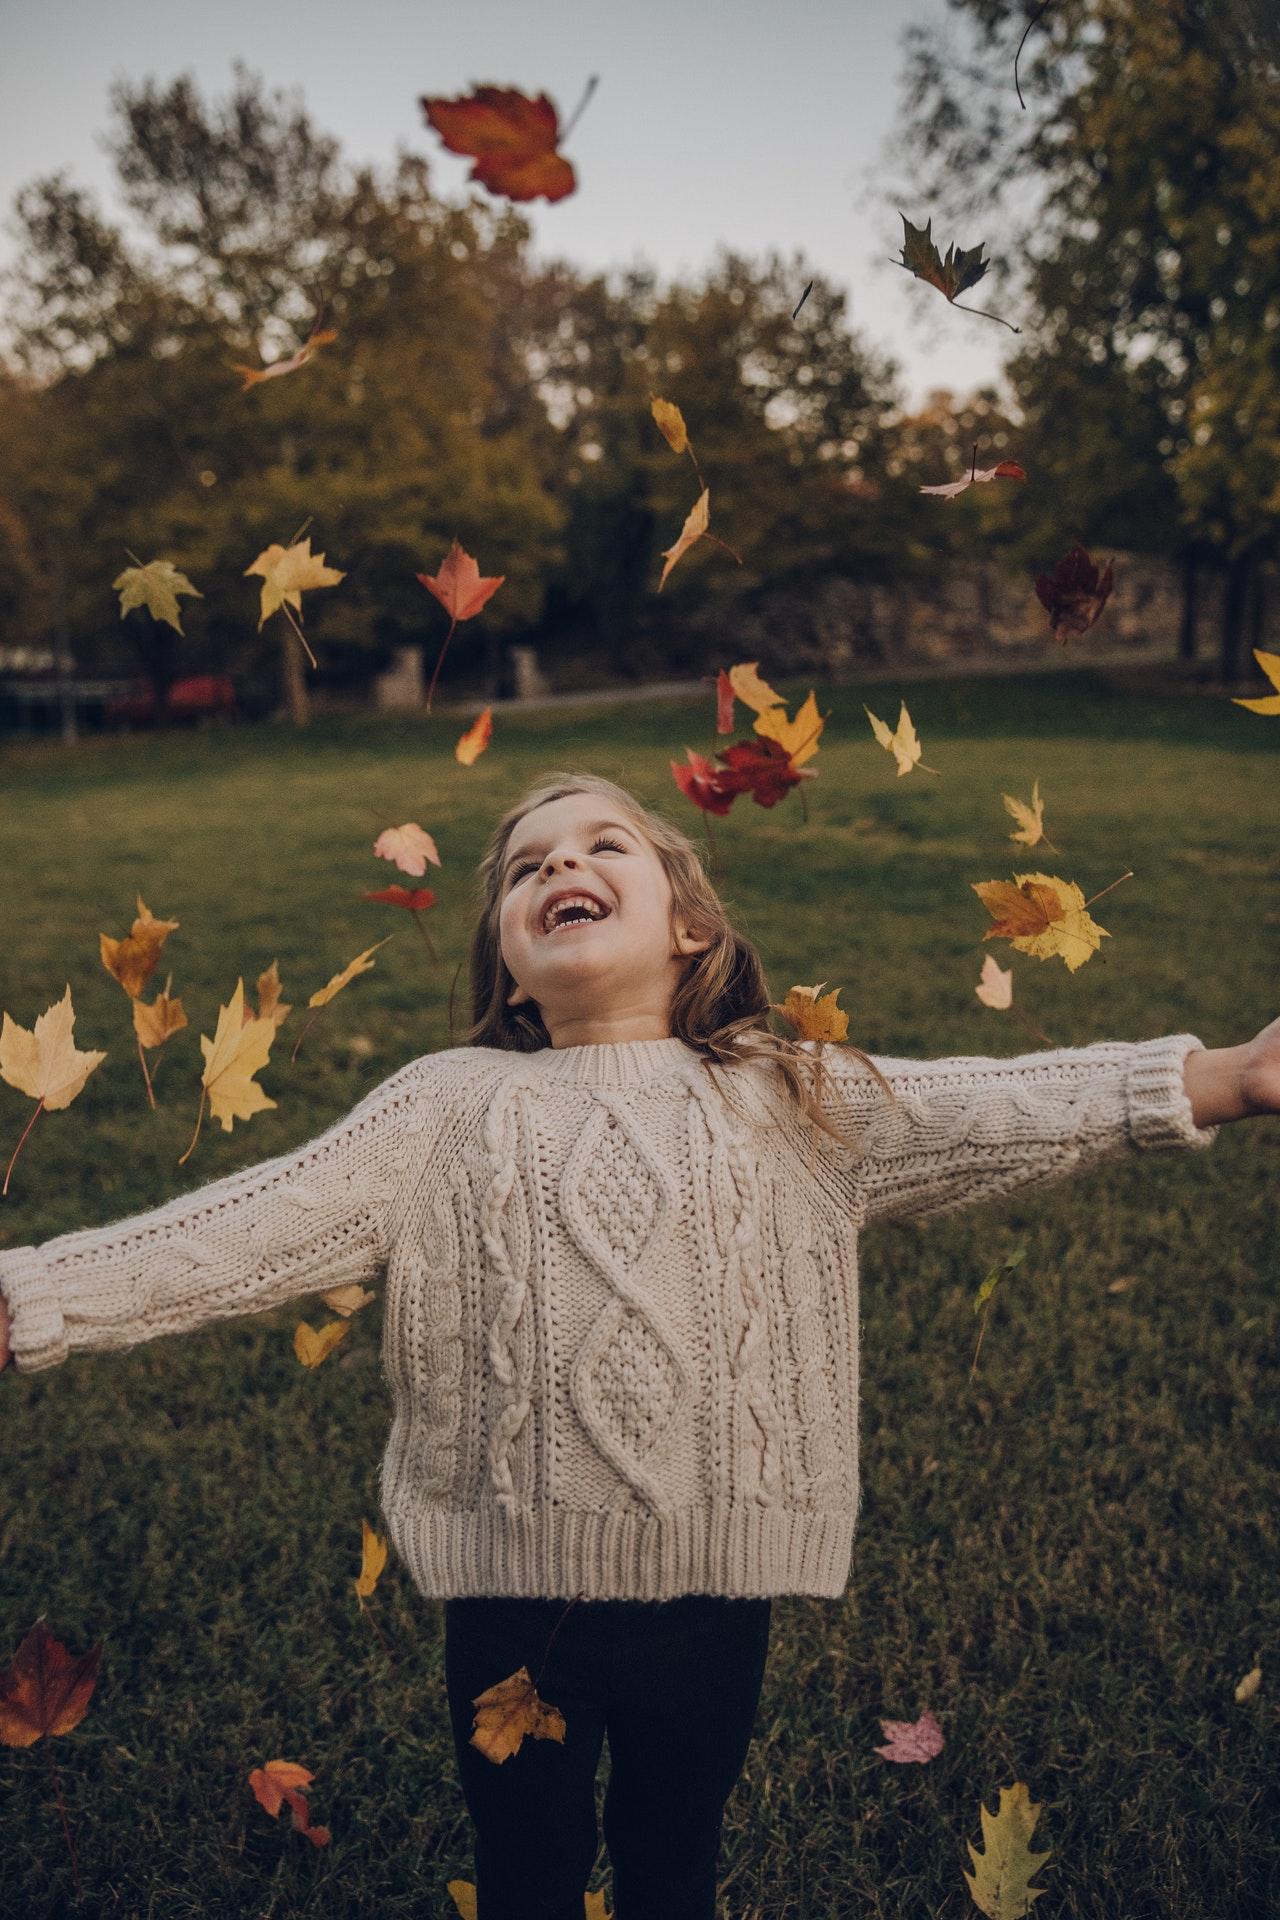 Holčička si hraje v podzimním listí.